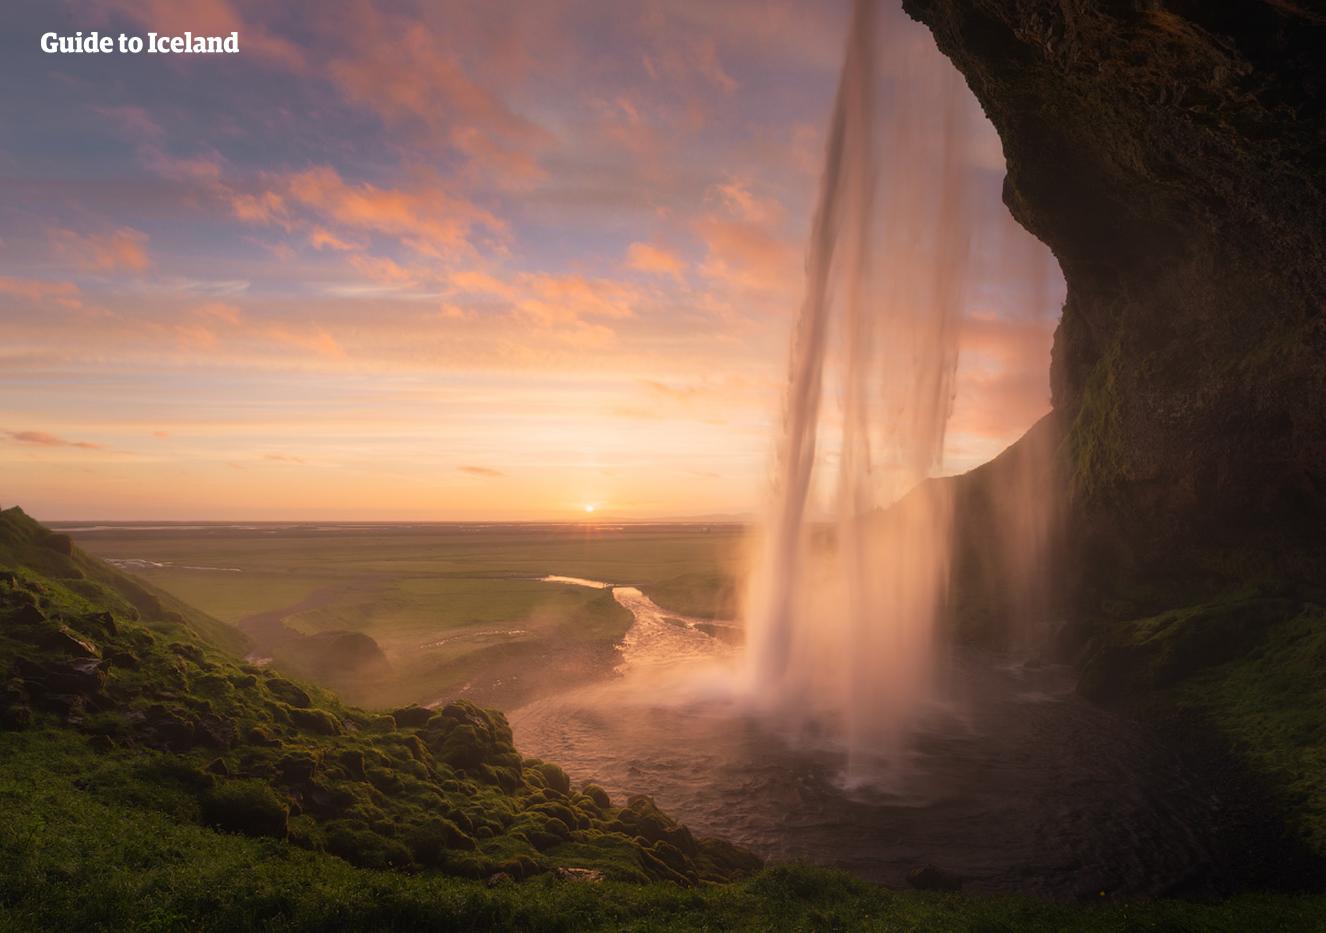 Durante el solsticio de verano en junio, los visitantes pueden pararse detrás de la cascada de Seljalandsfoss a medianoche y ver el sol de medianoche, estable en el horizonte sur.